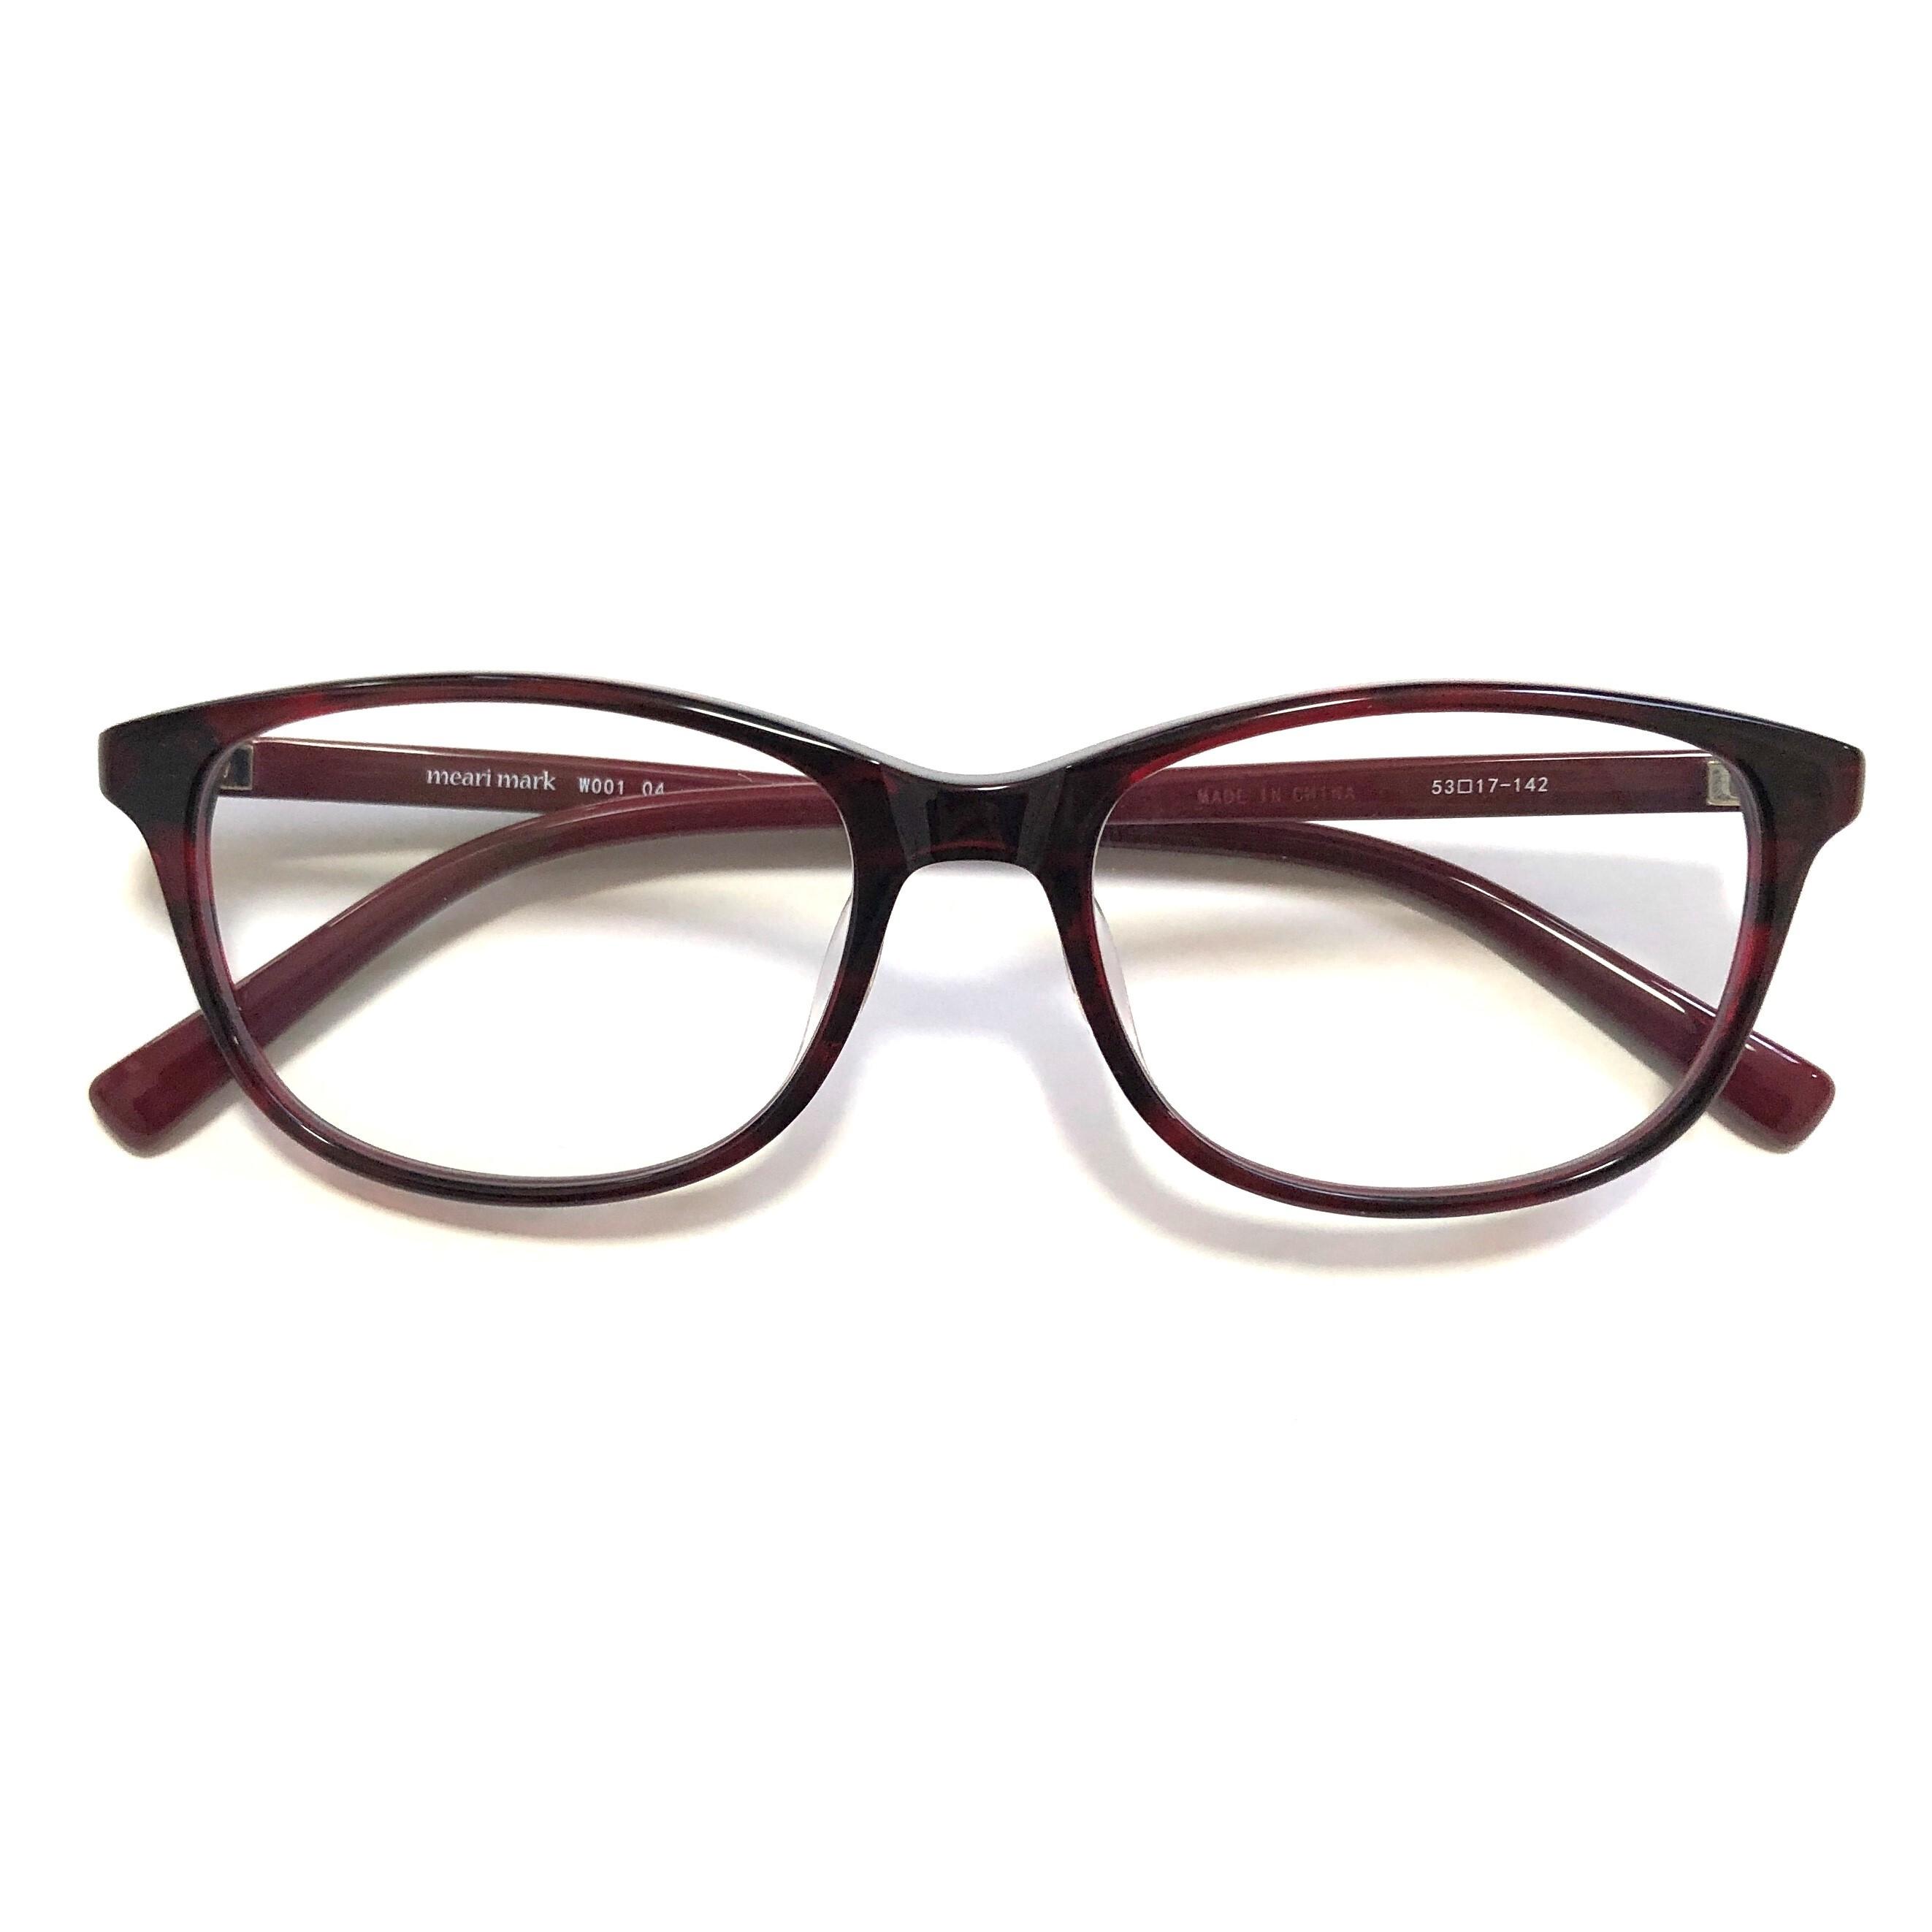 meari mark W001 04(紫外線カットレンズ付きファッショングラス)